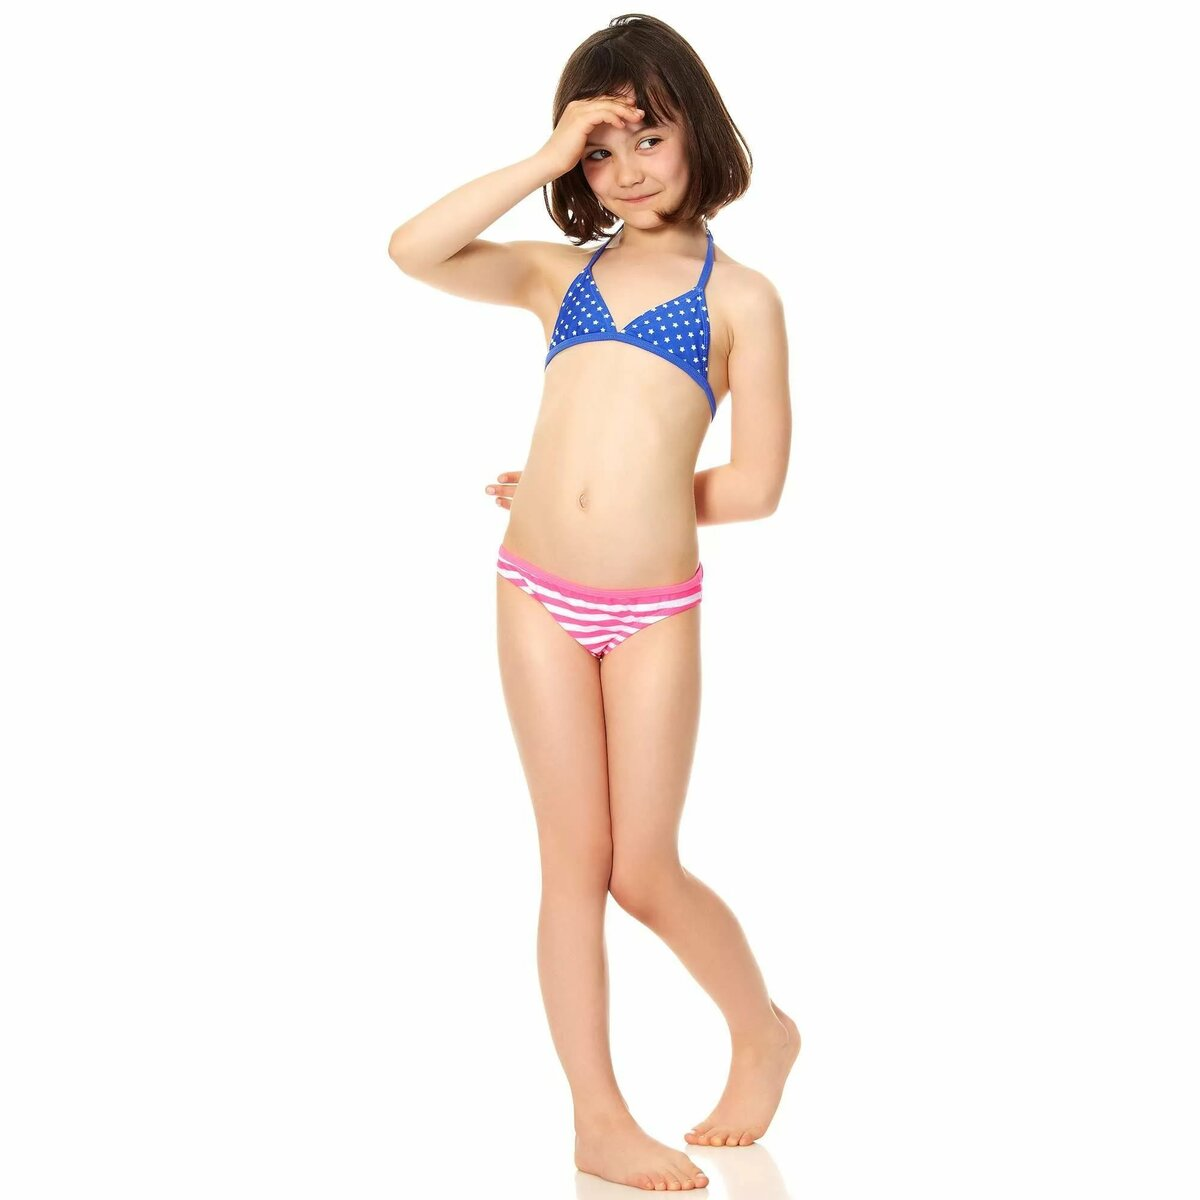 Models in bikini underwear